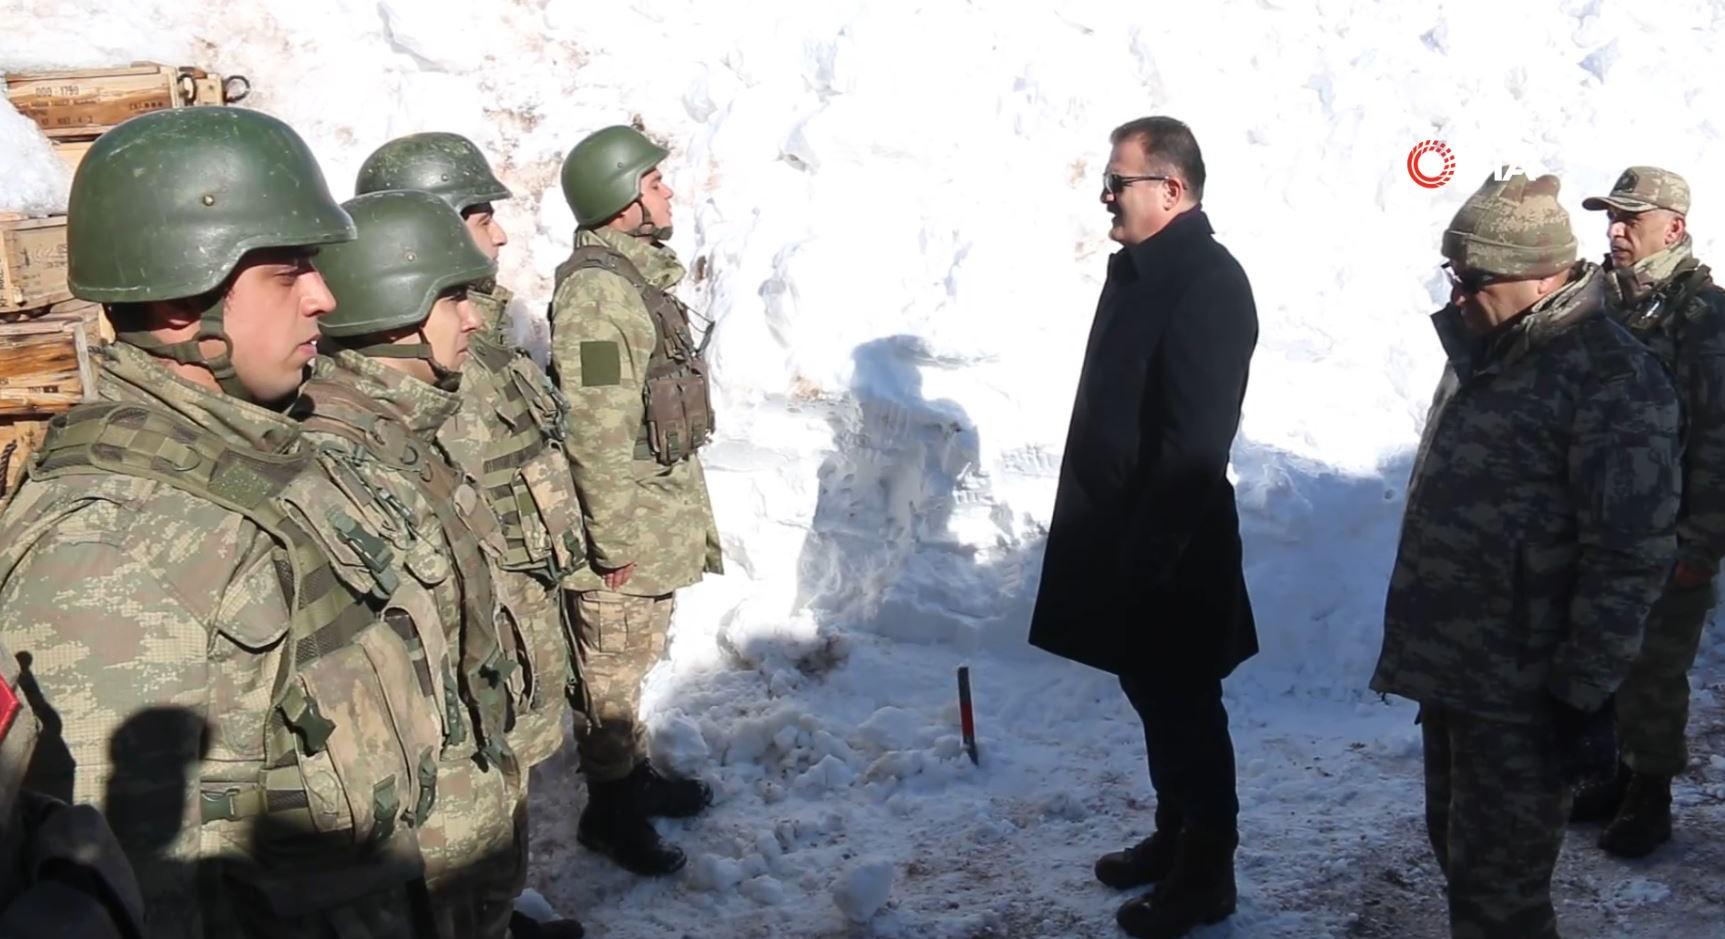 5 metre karda vatan savunması... 'Vatan ve millet için seve seve can vermeye hazırım komutanım'